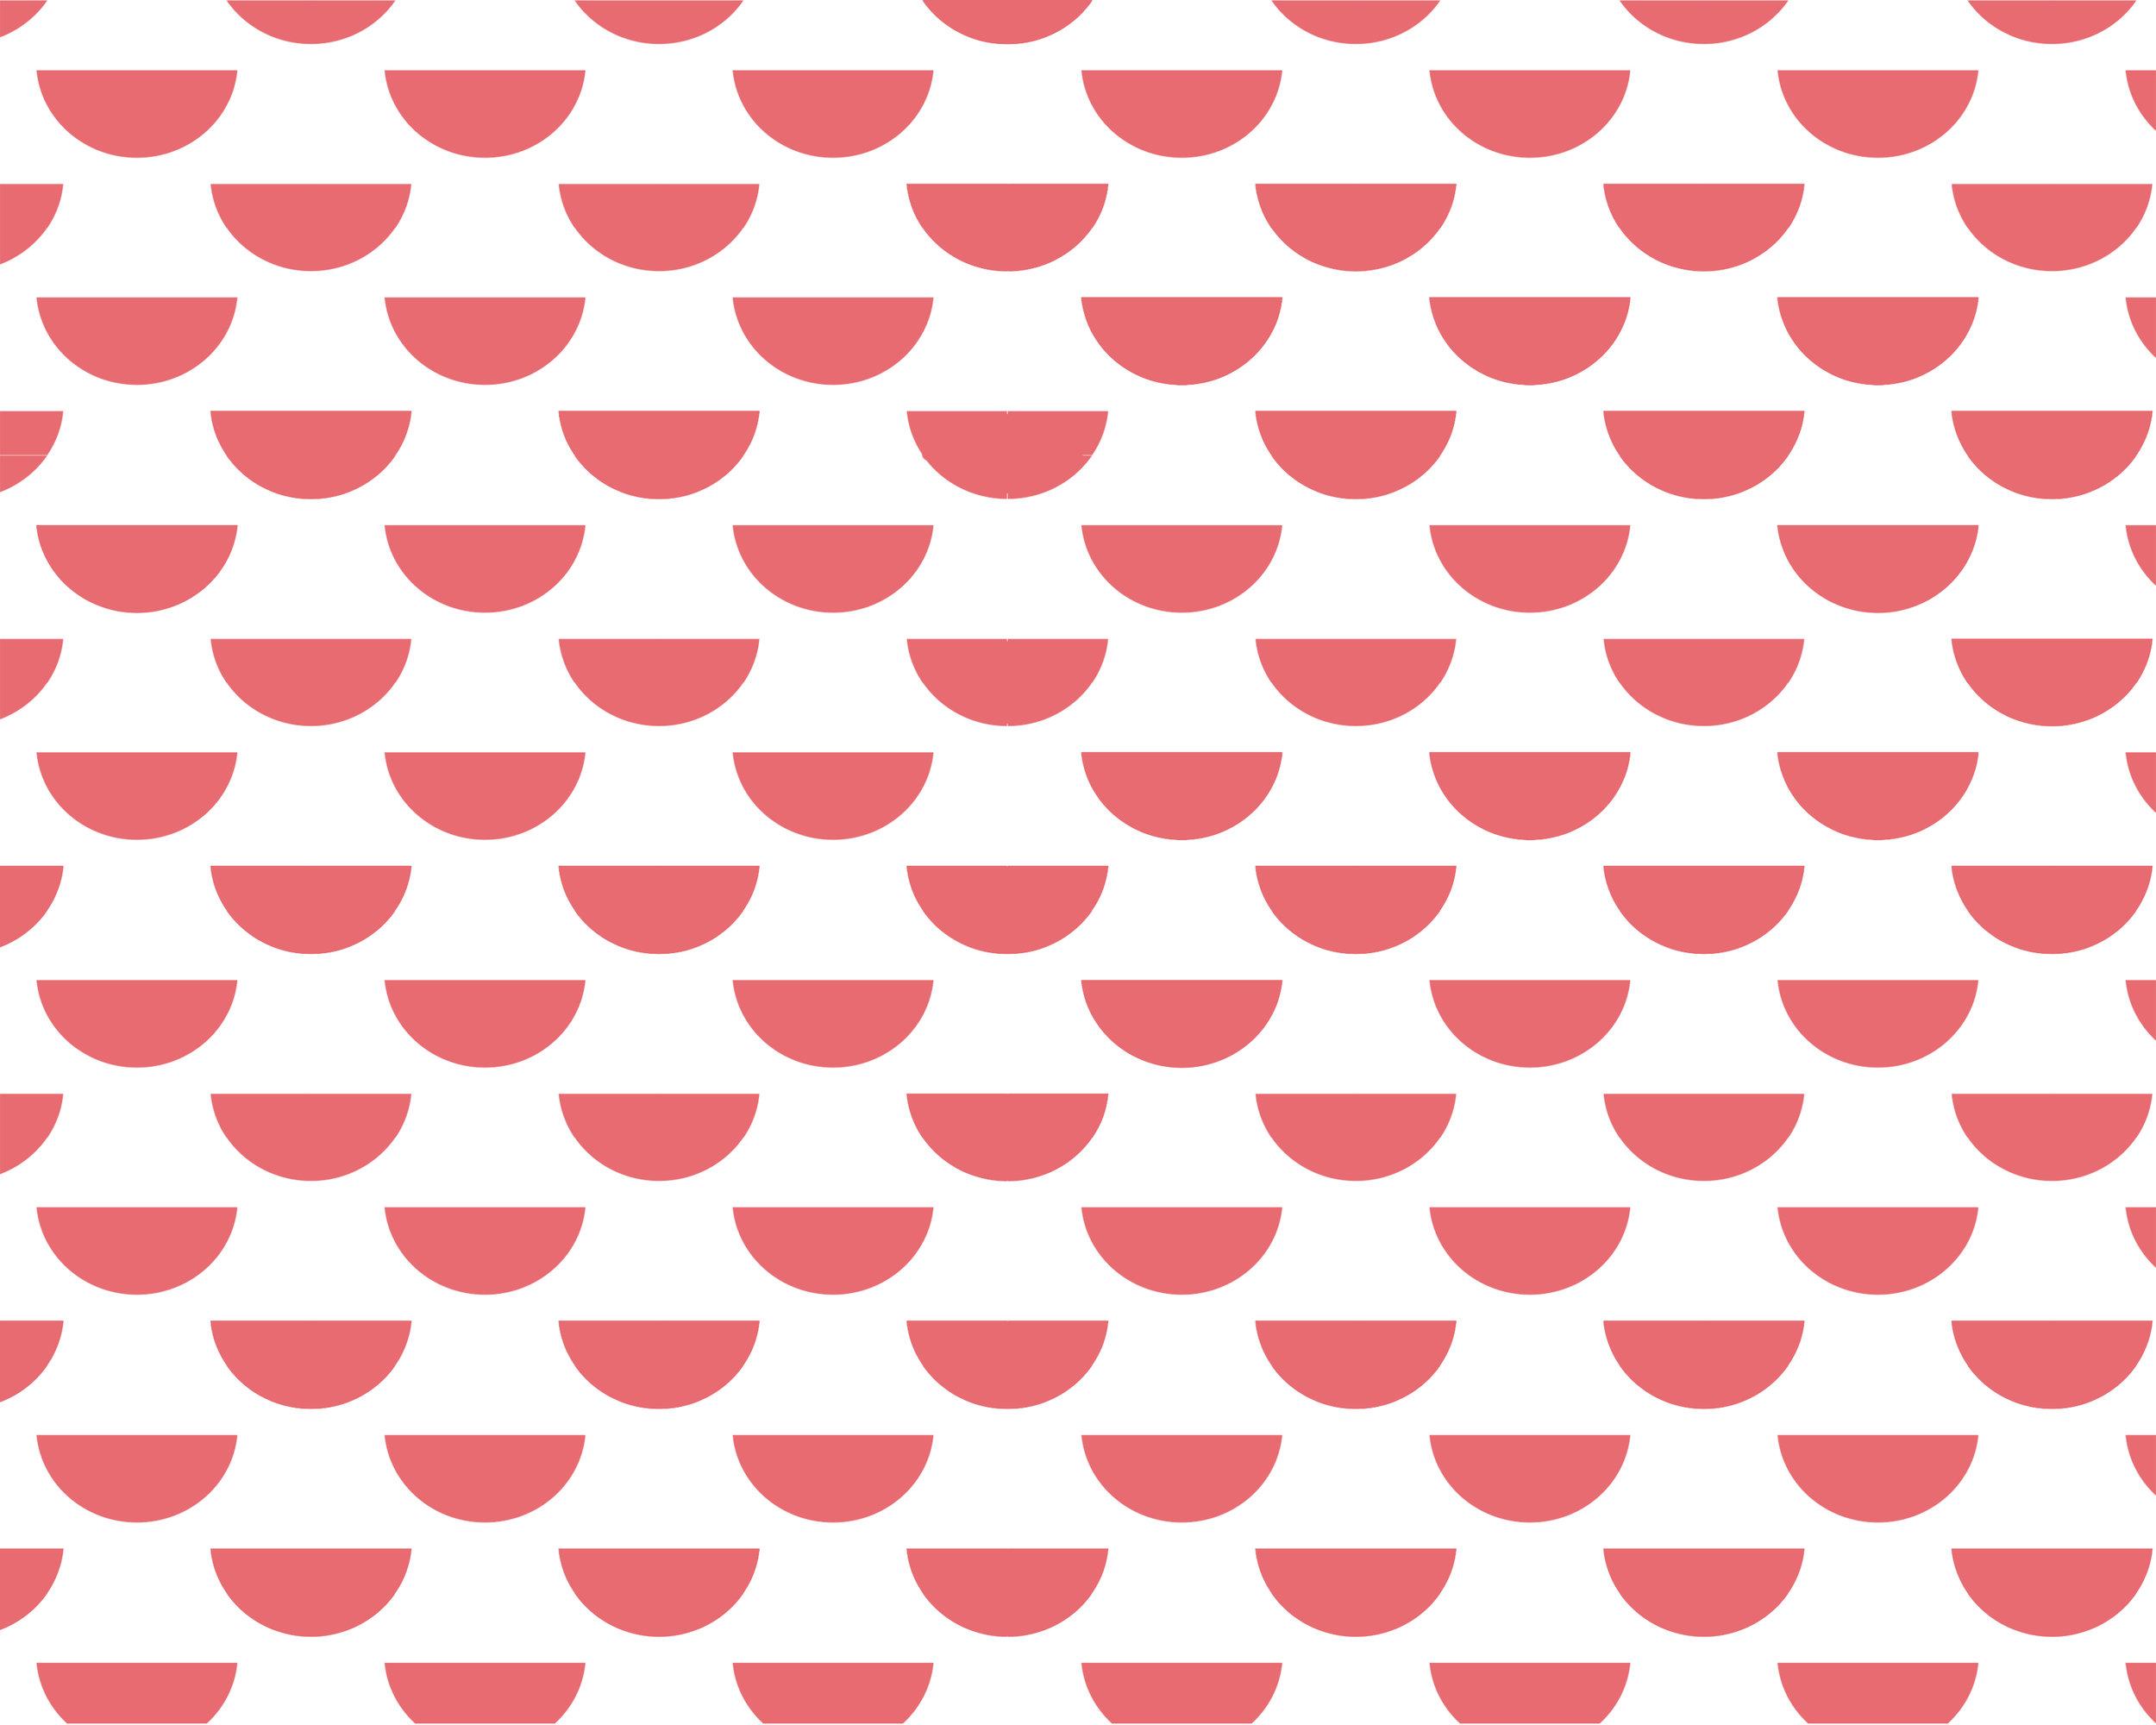 happy-pattern.jpg